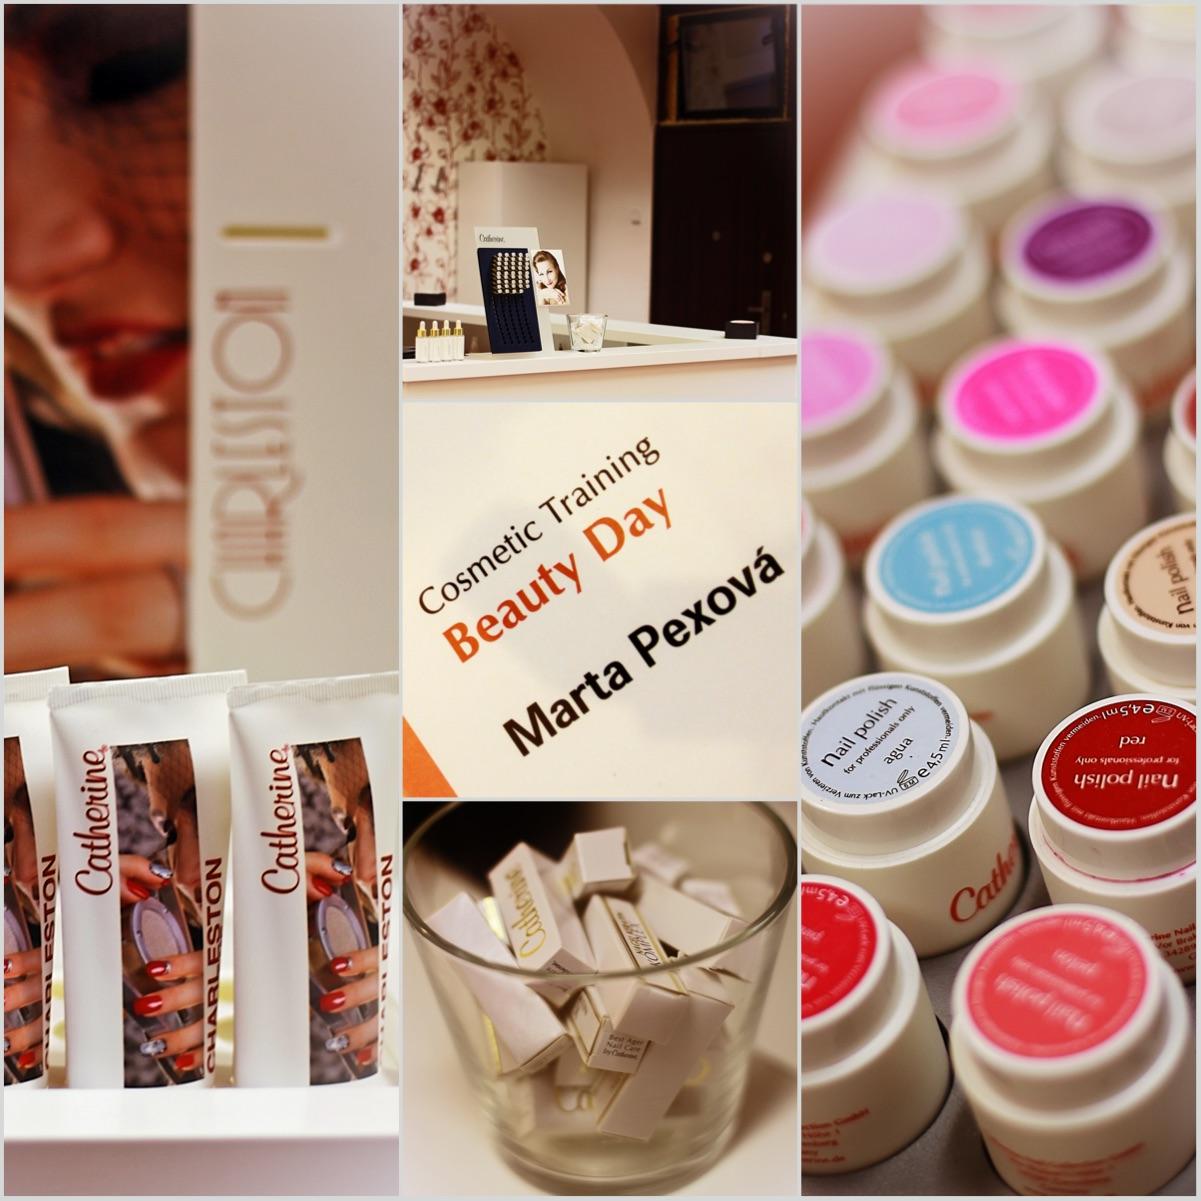 Nehtové studio Marta Pexová nepoužívá levné suroviny, ale velice kvalitní německou kosmetiku od společnost Catherine